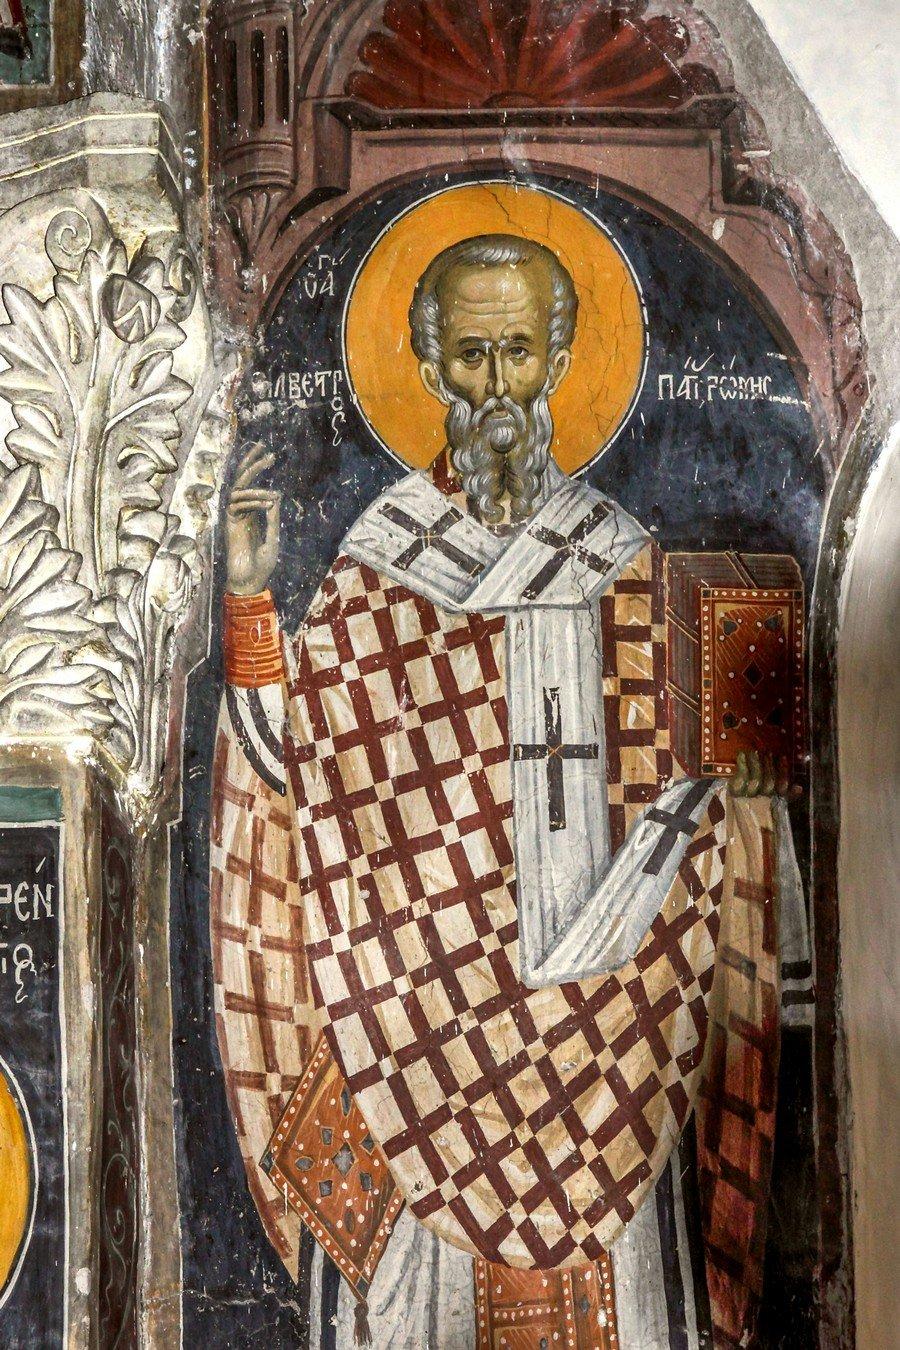 Святитель Сильвестр, Папа Римский. Фреска монастыря Святого Неофита Затворника на Кипре. 1503 год.